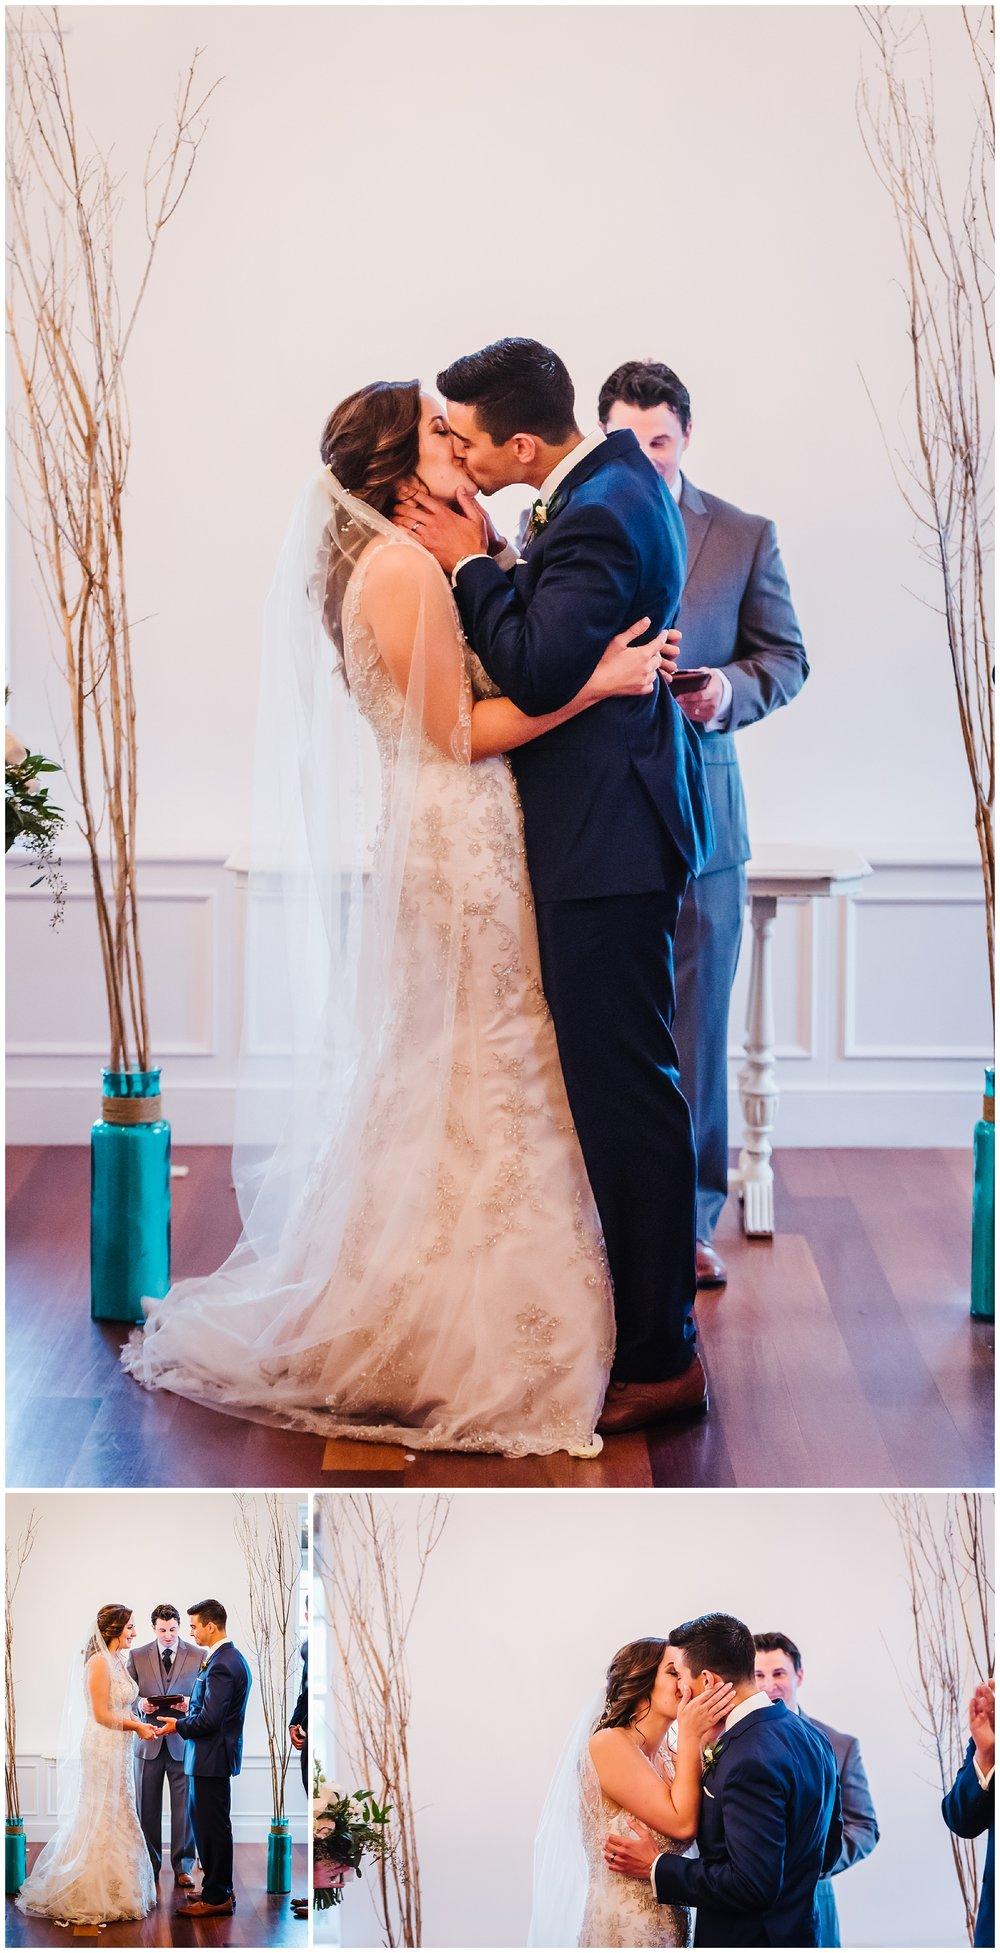 st-augustine-destination-wedding-photographer-white-room-villa-blanca-flagler-first-look_0040.jpg